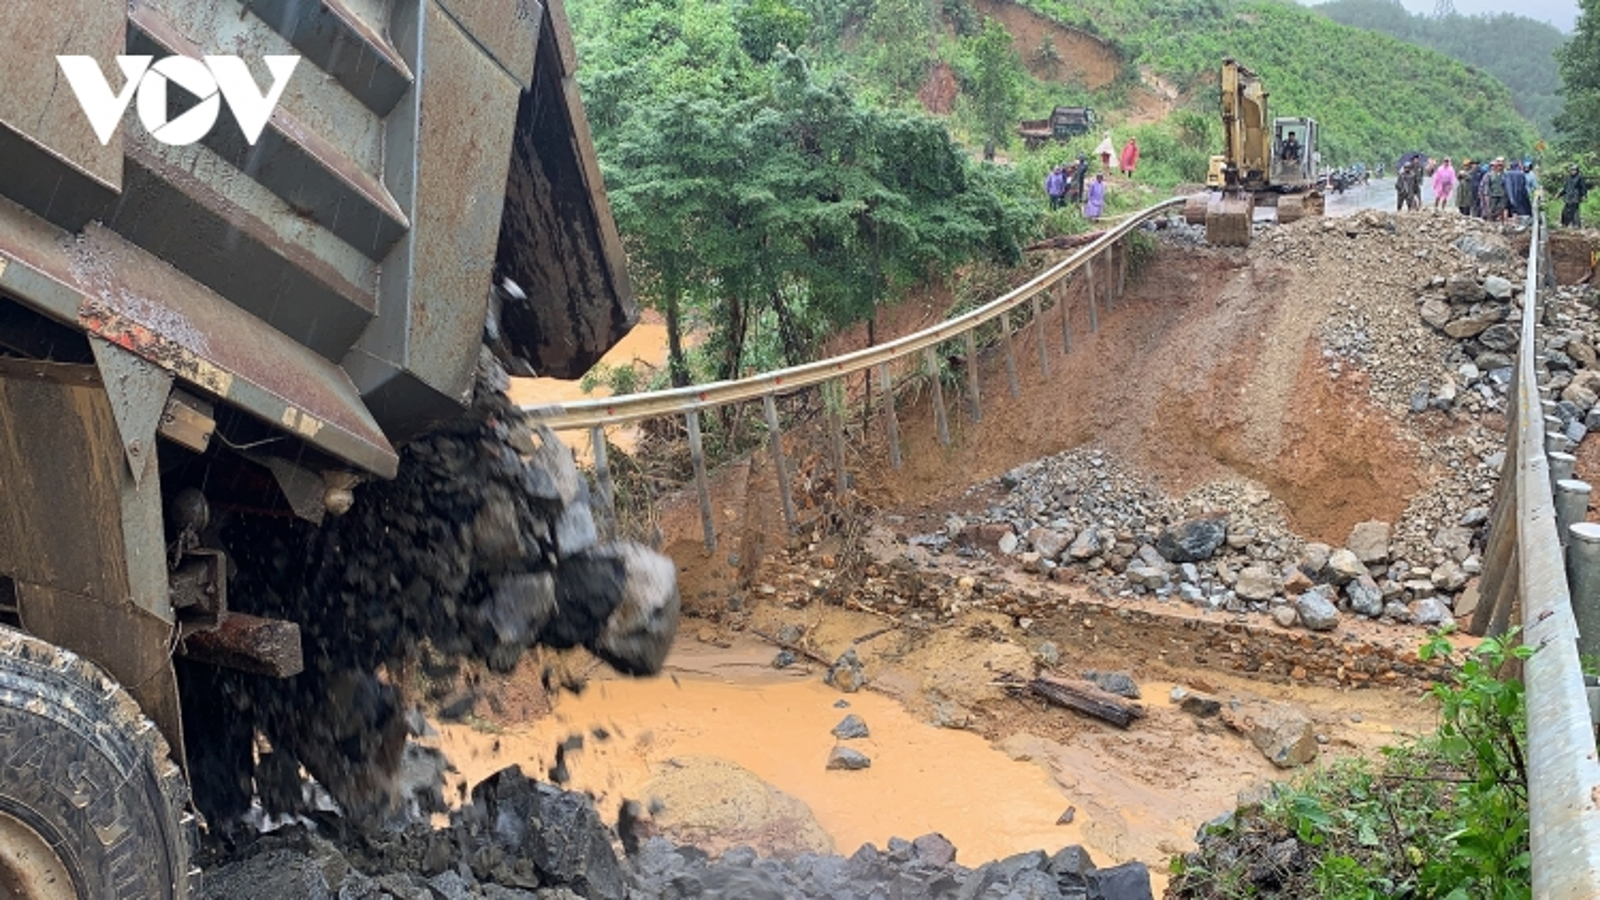 Quốc lộ 26 nối Đắk Lắk – Khánh Hoà bị chia cách vì nước lũ cuốn trôi đường